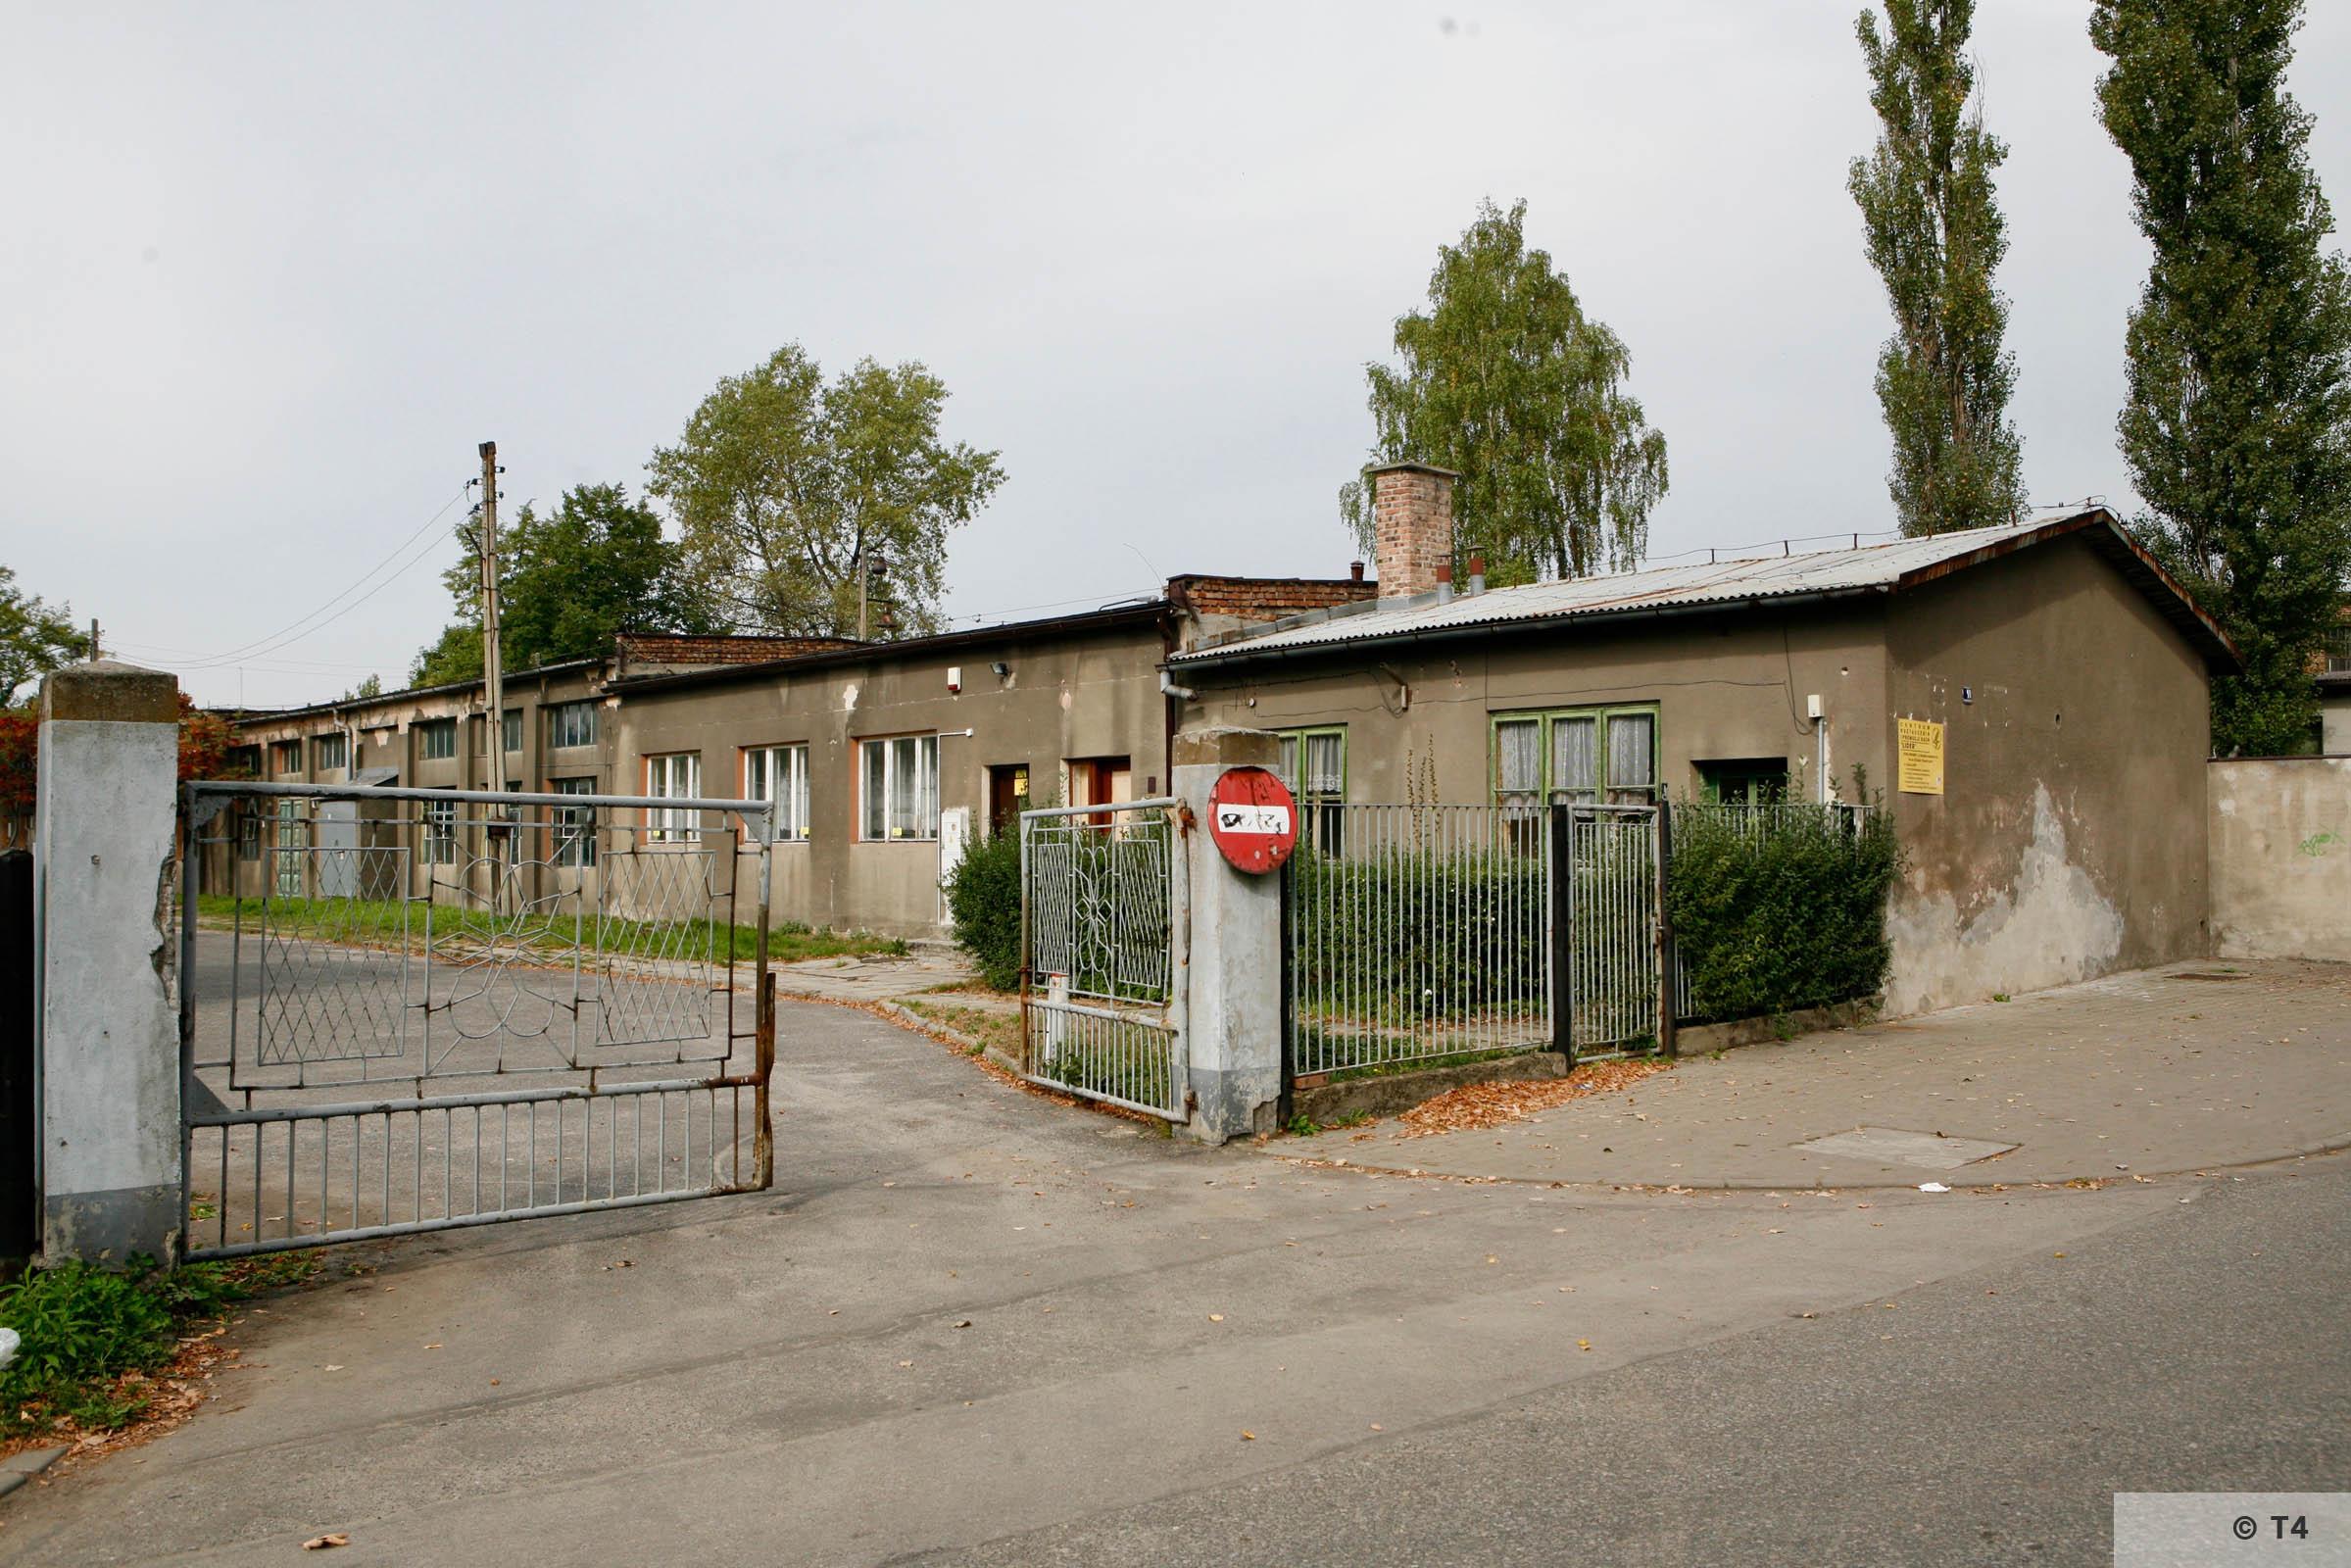 Former camp barrack at main entrance gate. T4 2777